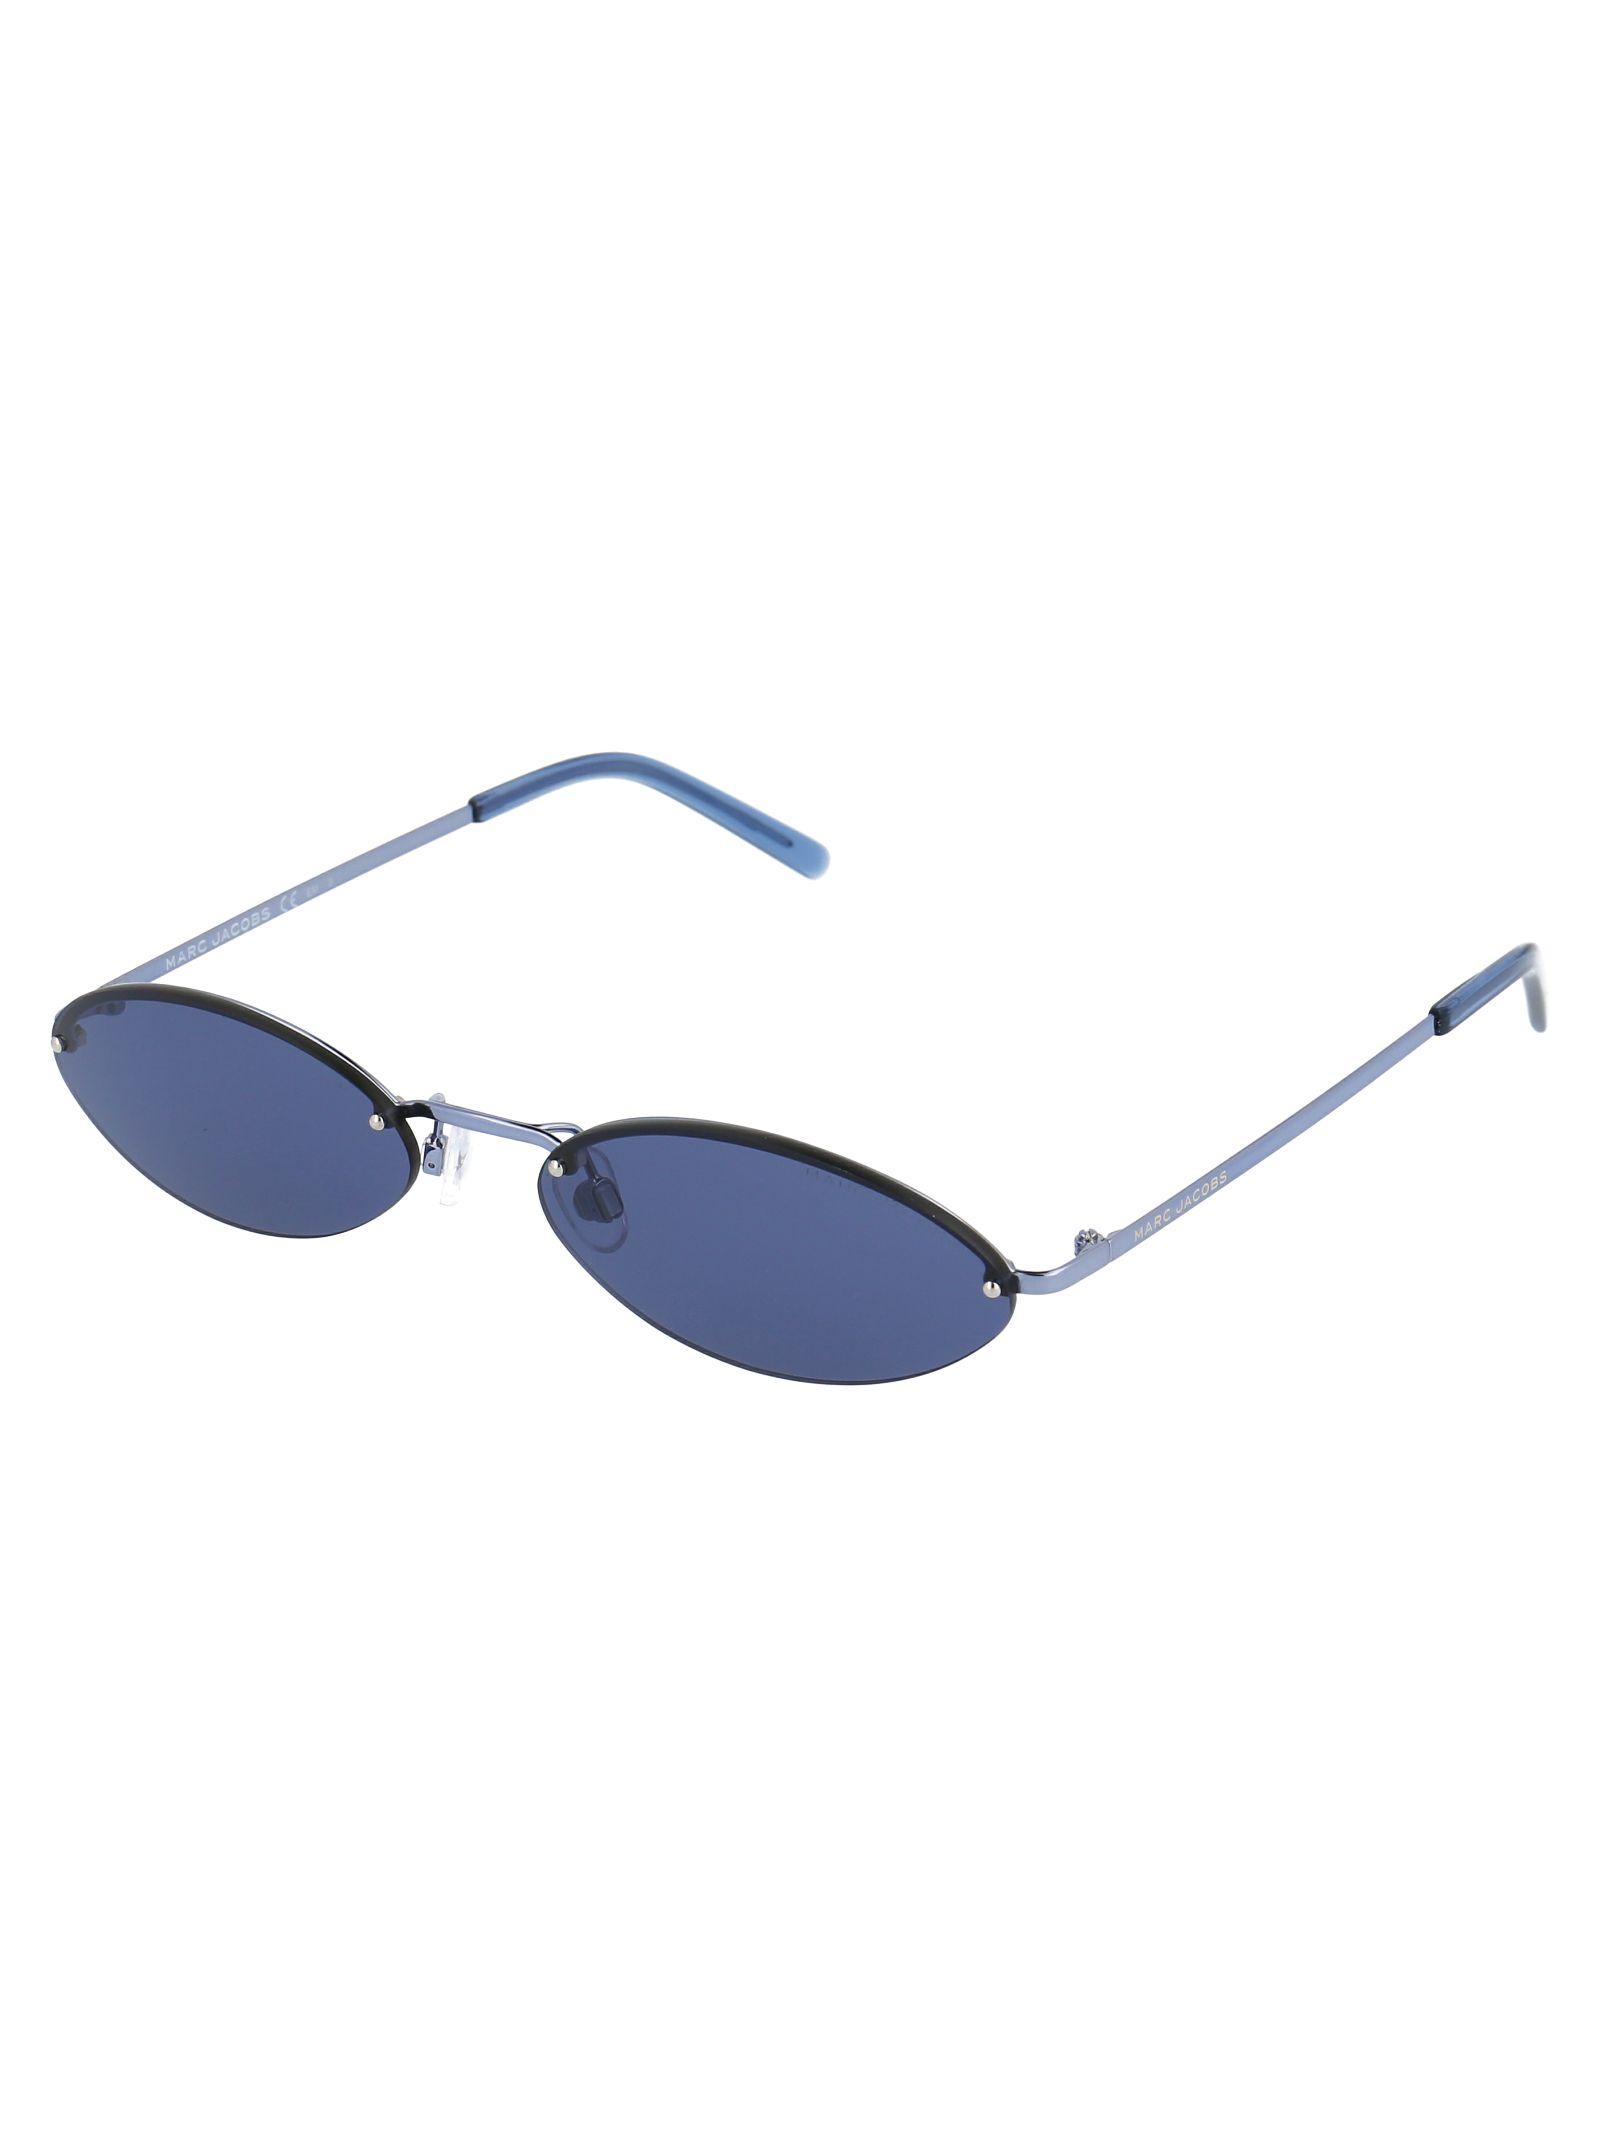 MARC JACOBS Sunglasses MARC JACOBS WOMEN'S MULTICOLOR METAL SUNGLASSES